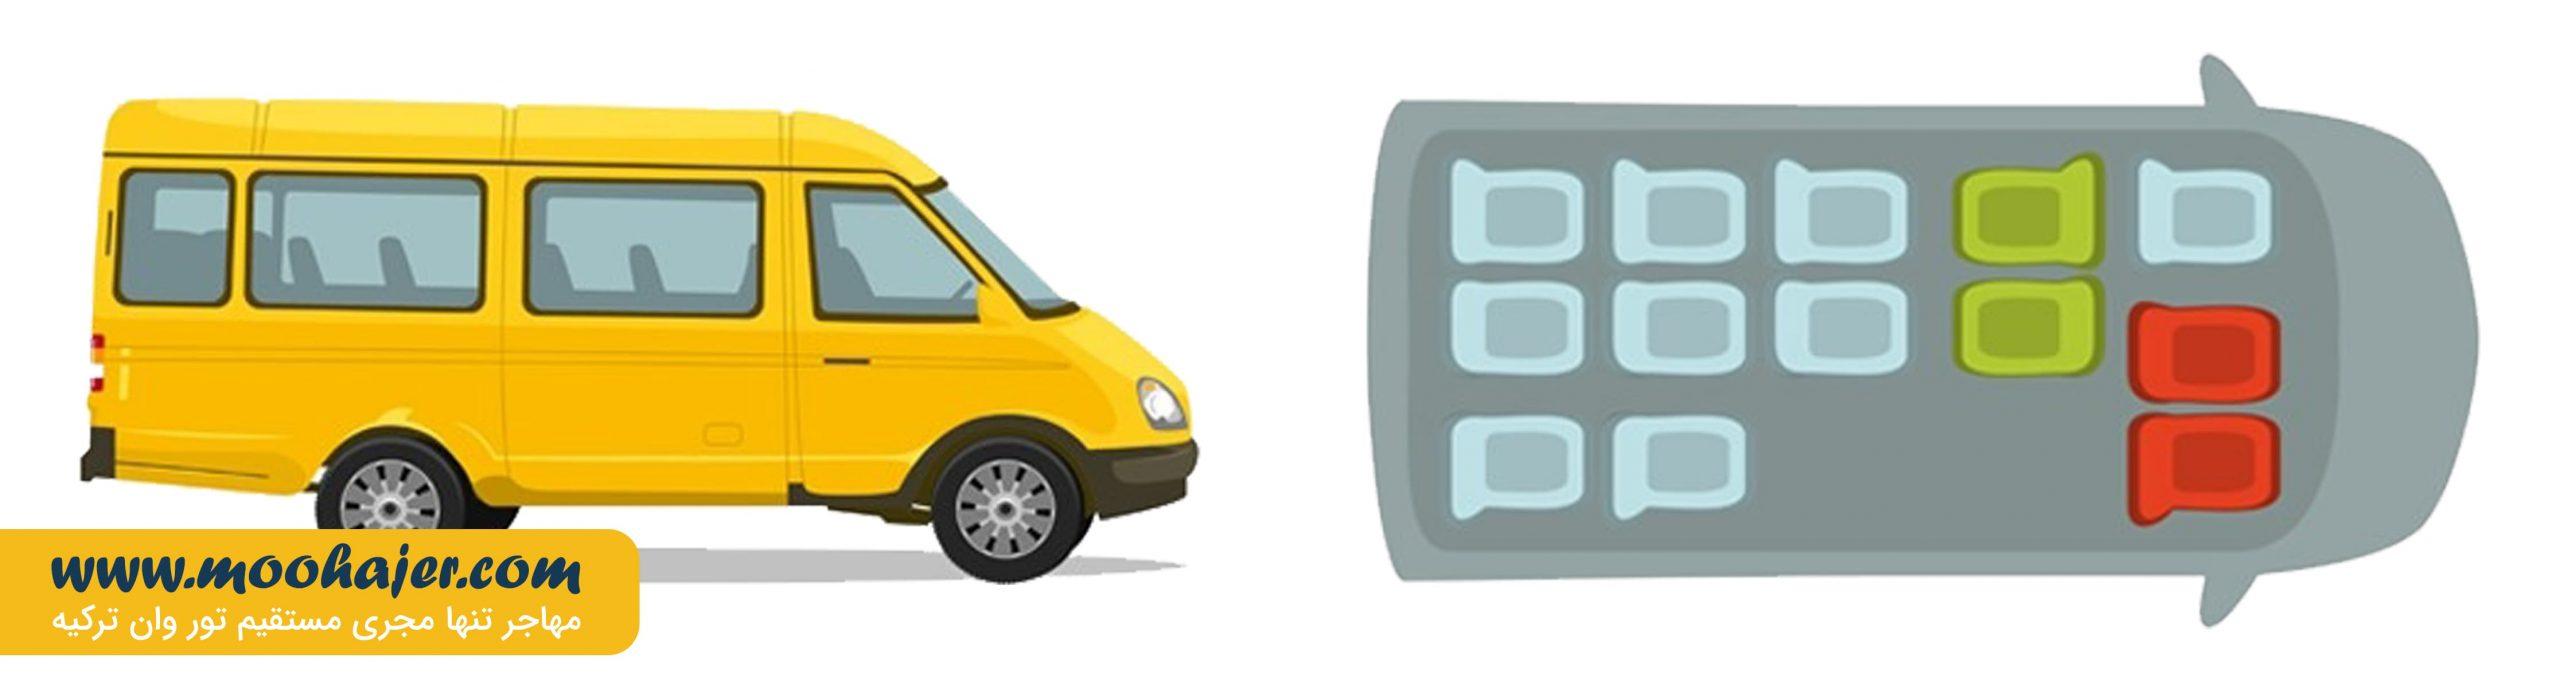 امن ترین صندلیهای وسیله نقلیه در سفرامن ترین صندلیهای وسیله نقلیه در سفر